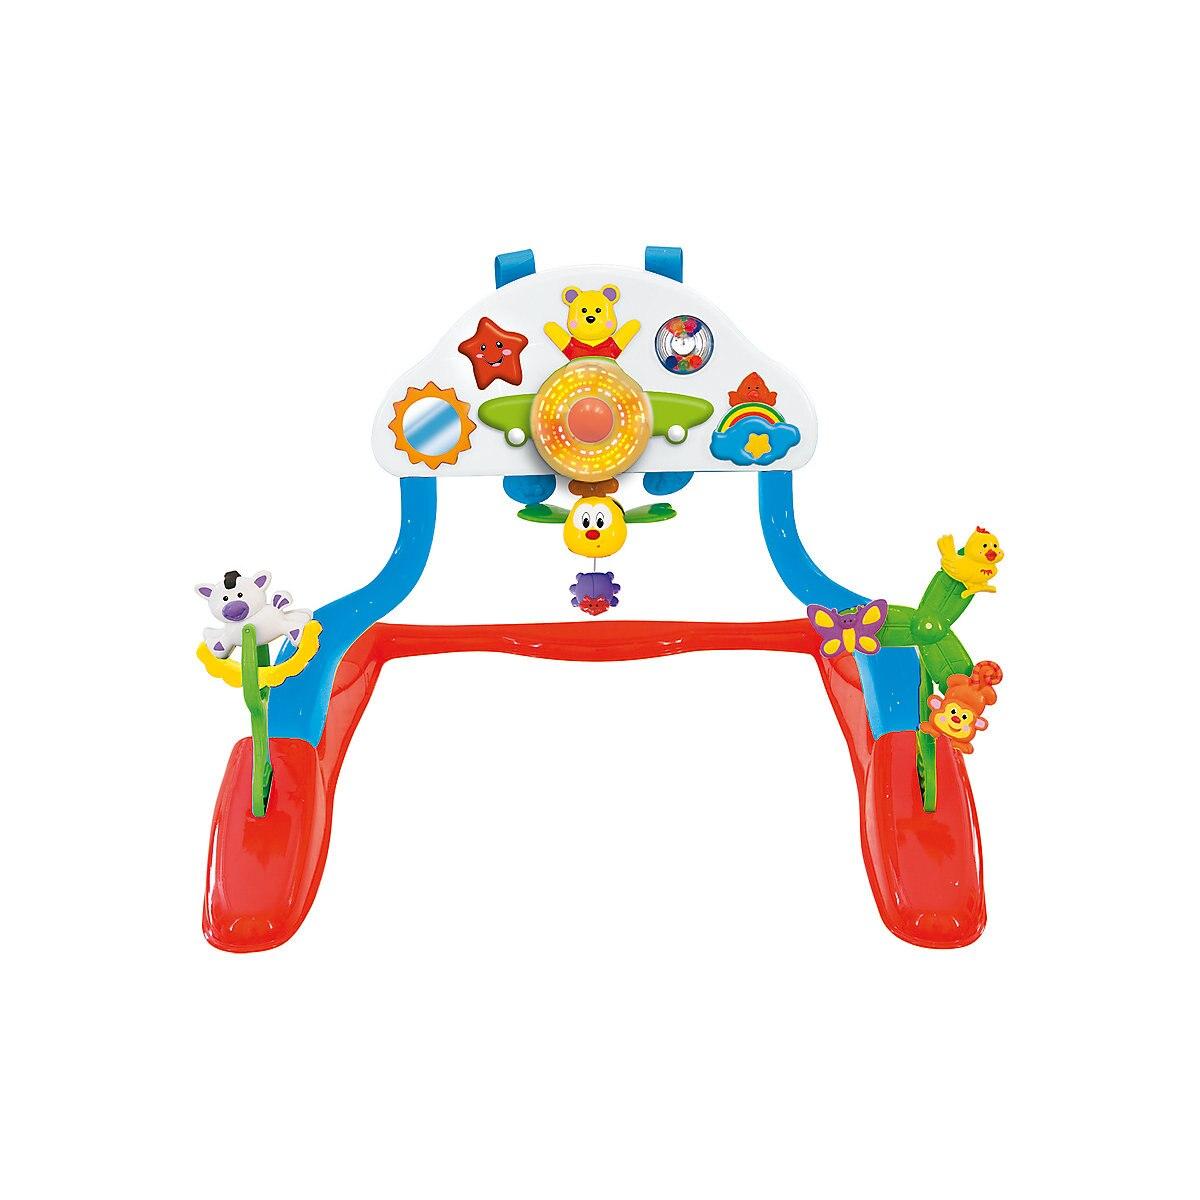 KIDDIELAND Basic & Life Skills Toys 7331989 Learning Education bizybord toy games